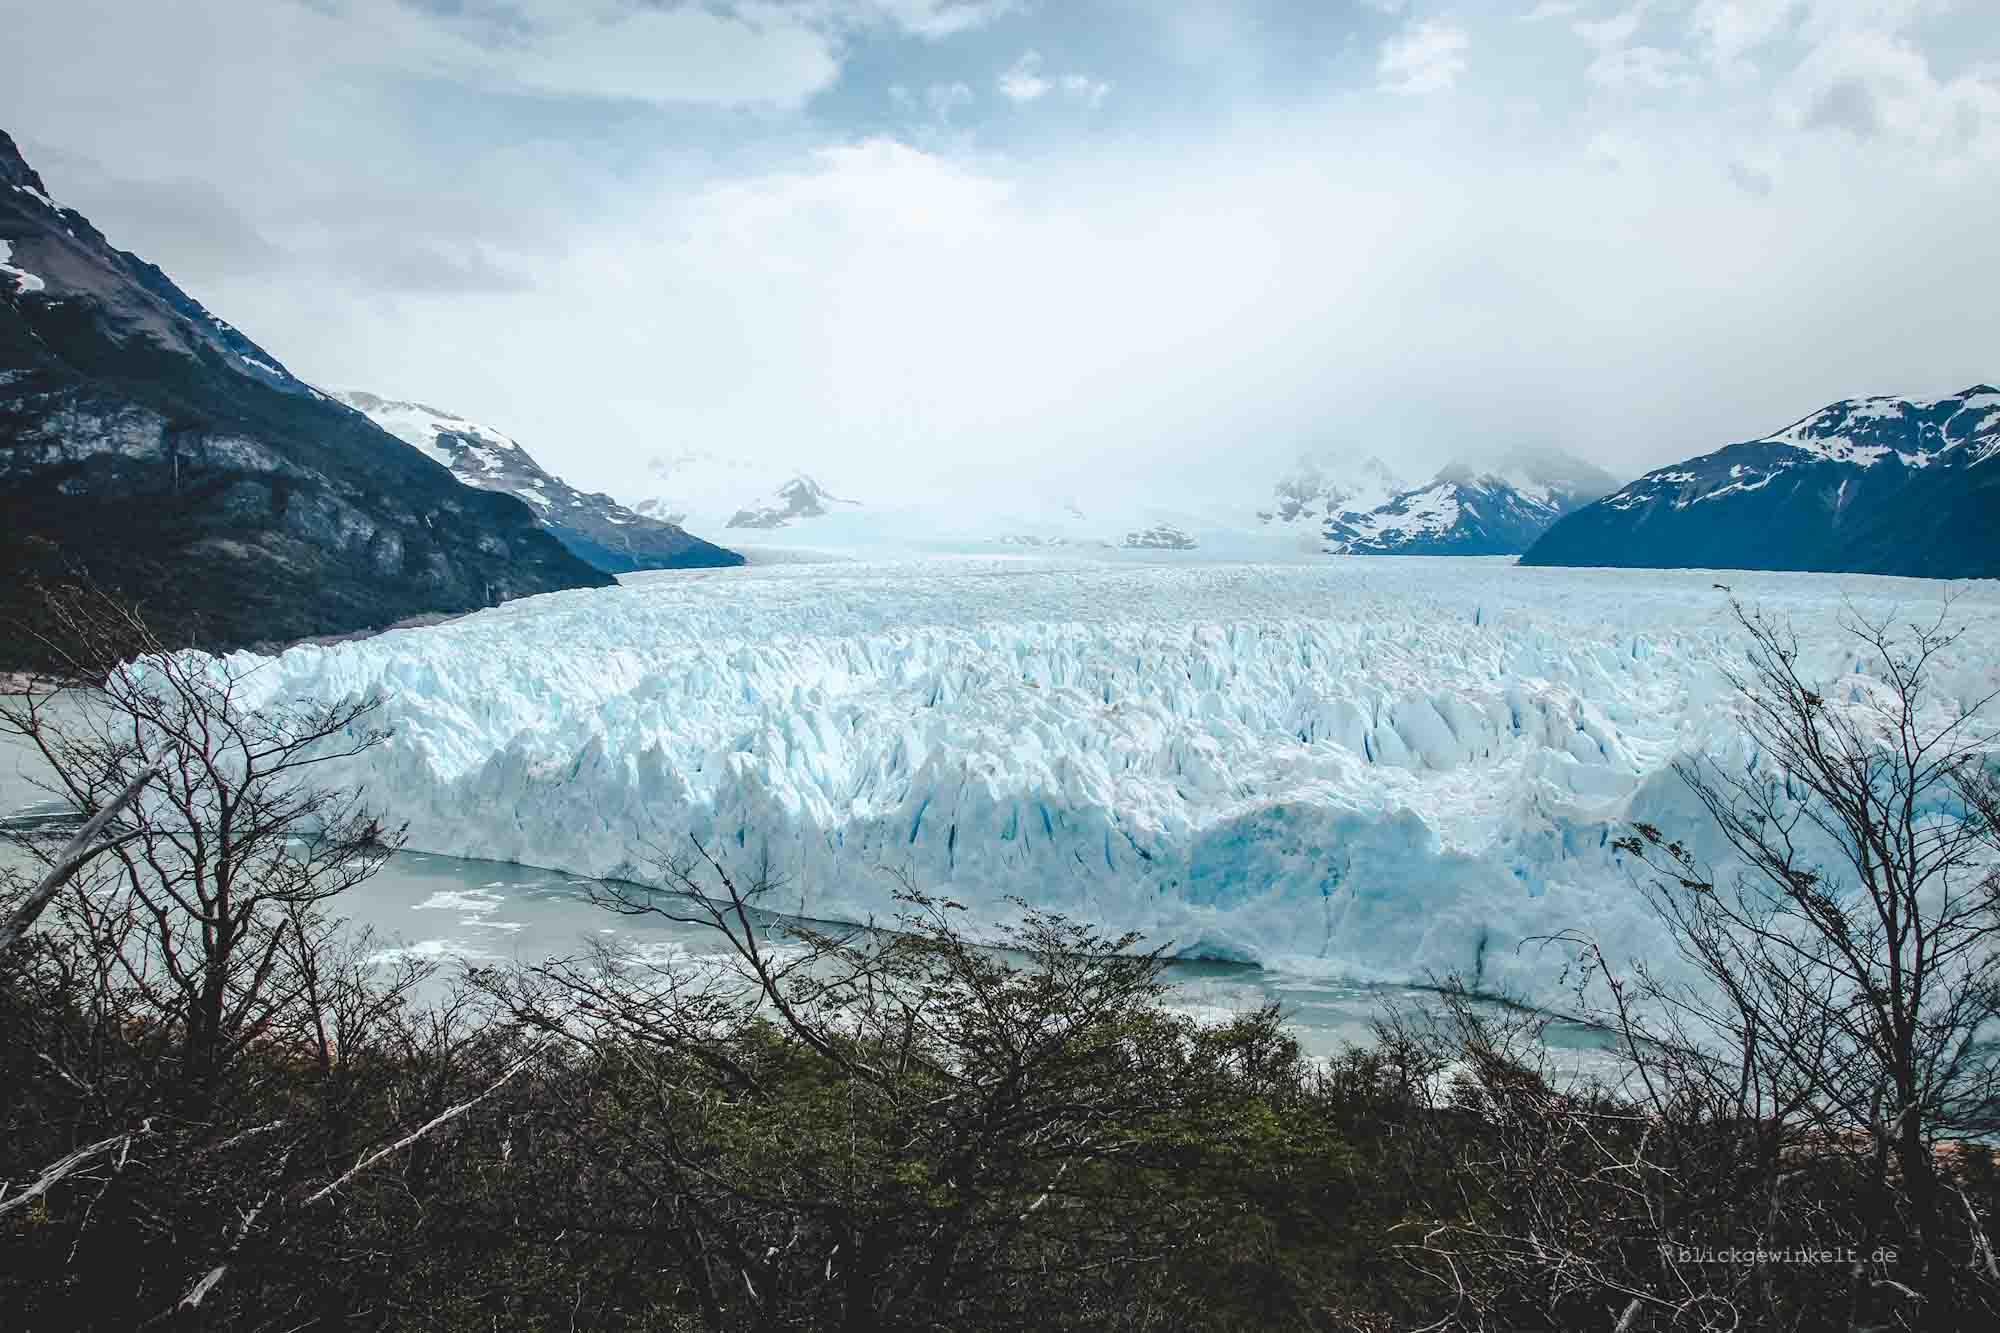 Blick auf den Gletscher von oben.